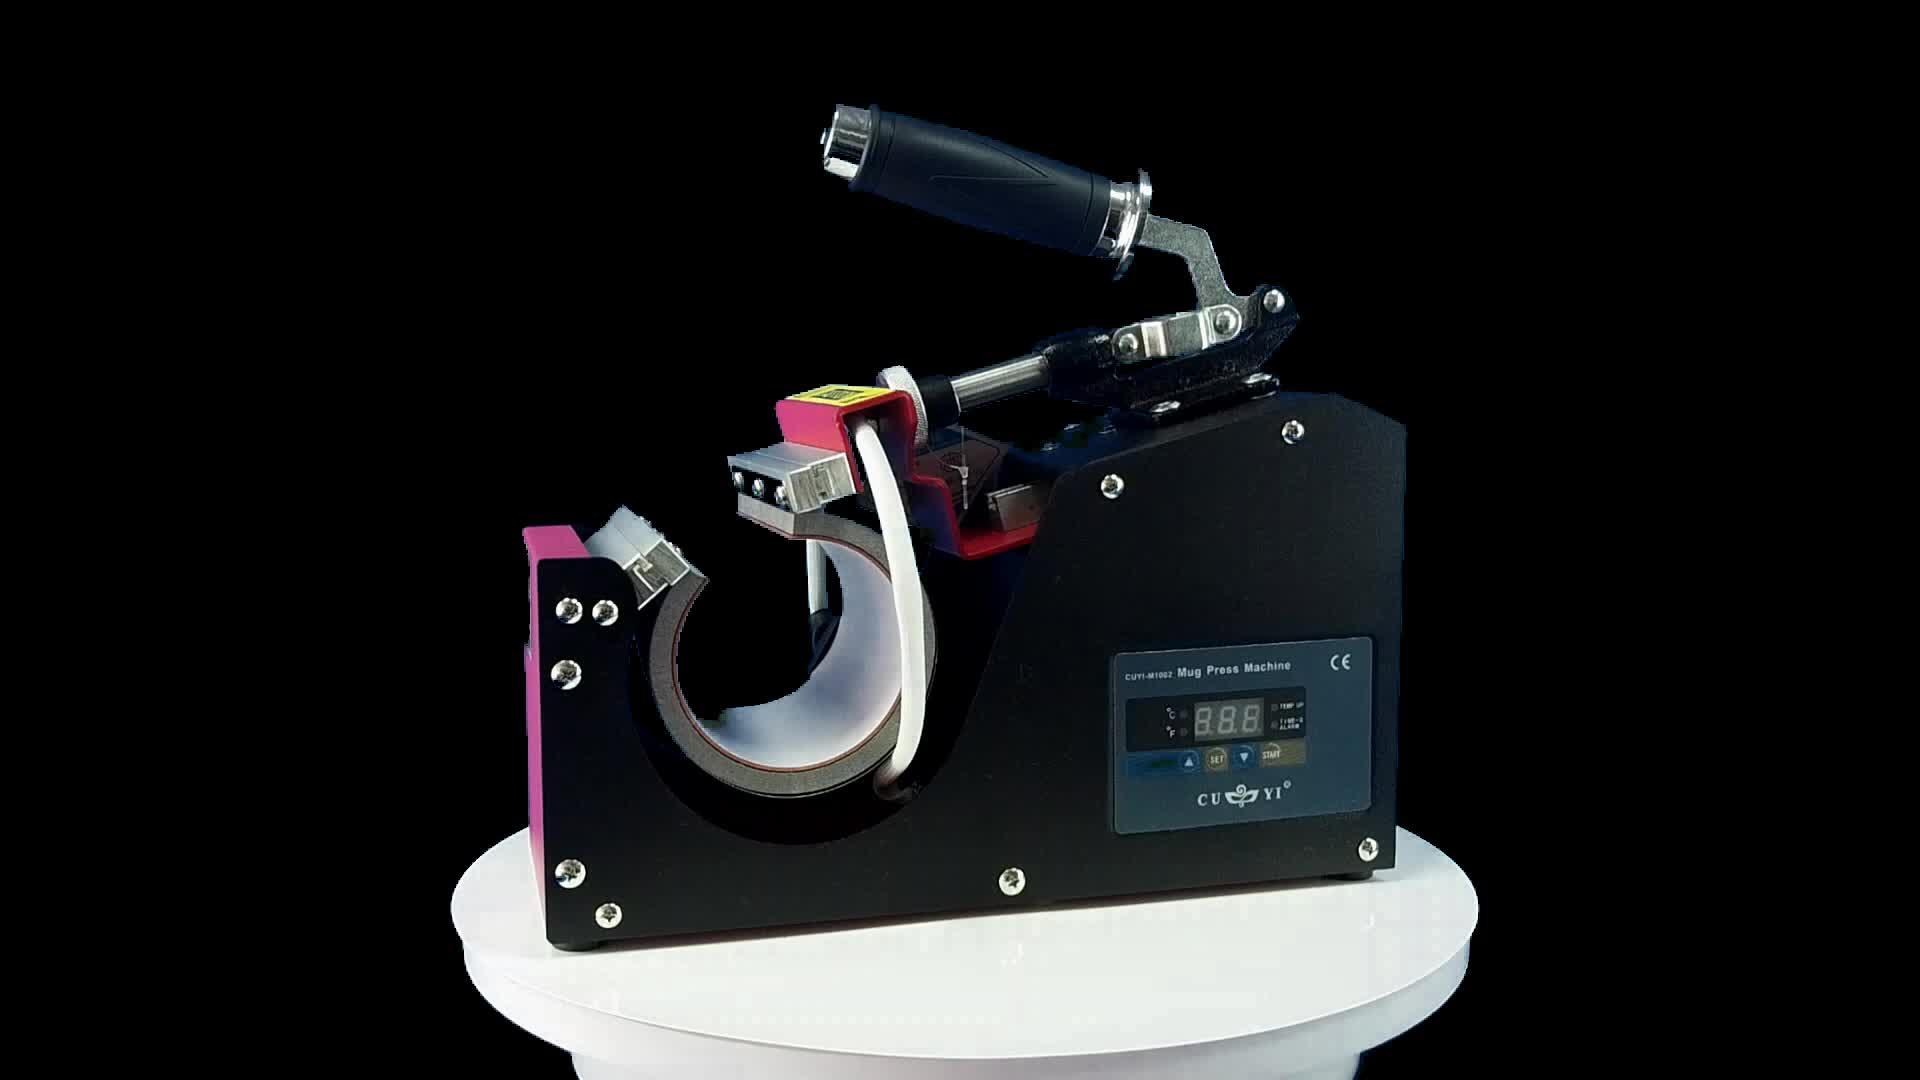 ماكينة طباعة كوب سحري لنقل الحرارة بأفضل بائع